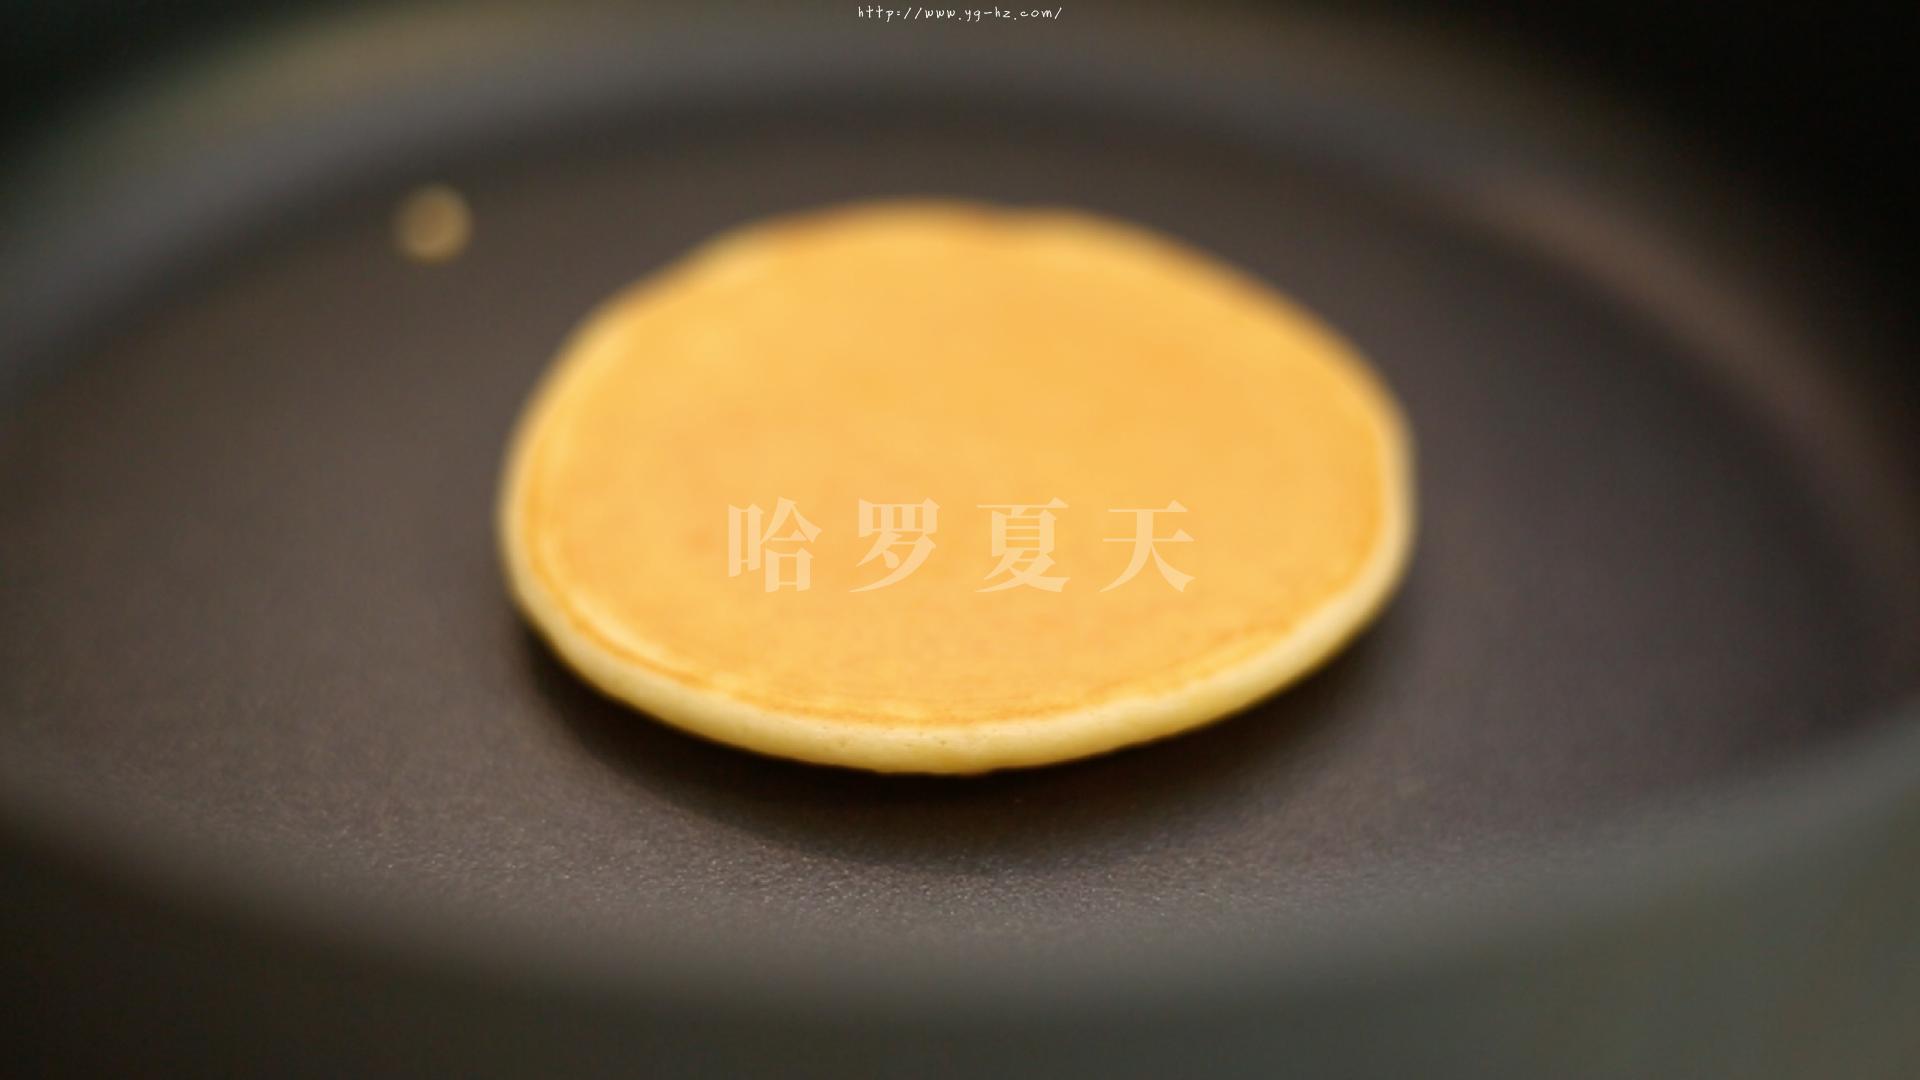 美式松饼/热香饼的做法 步骤7